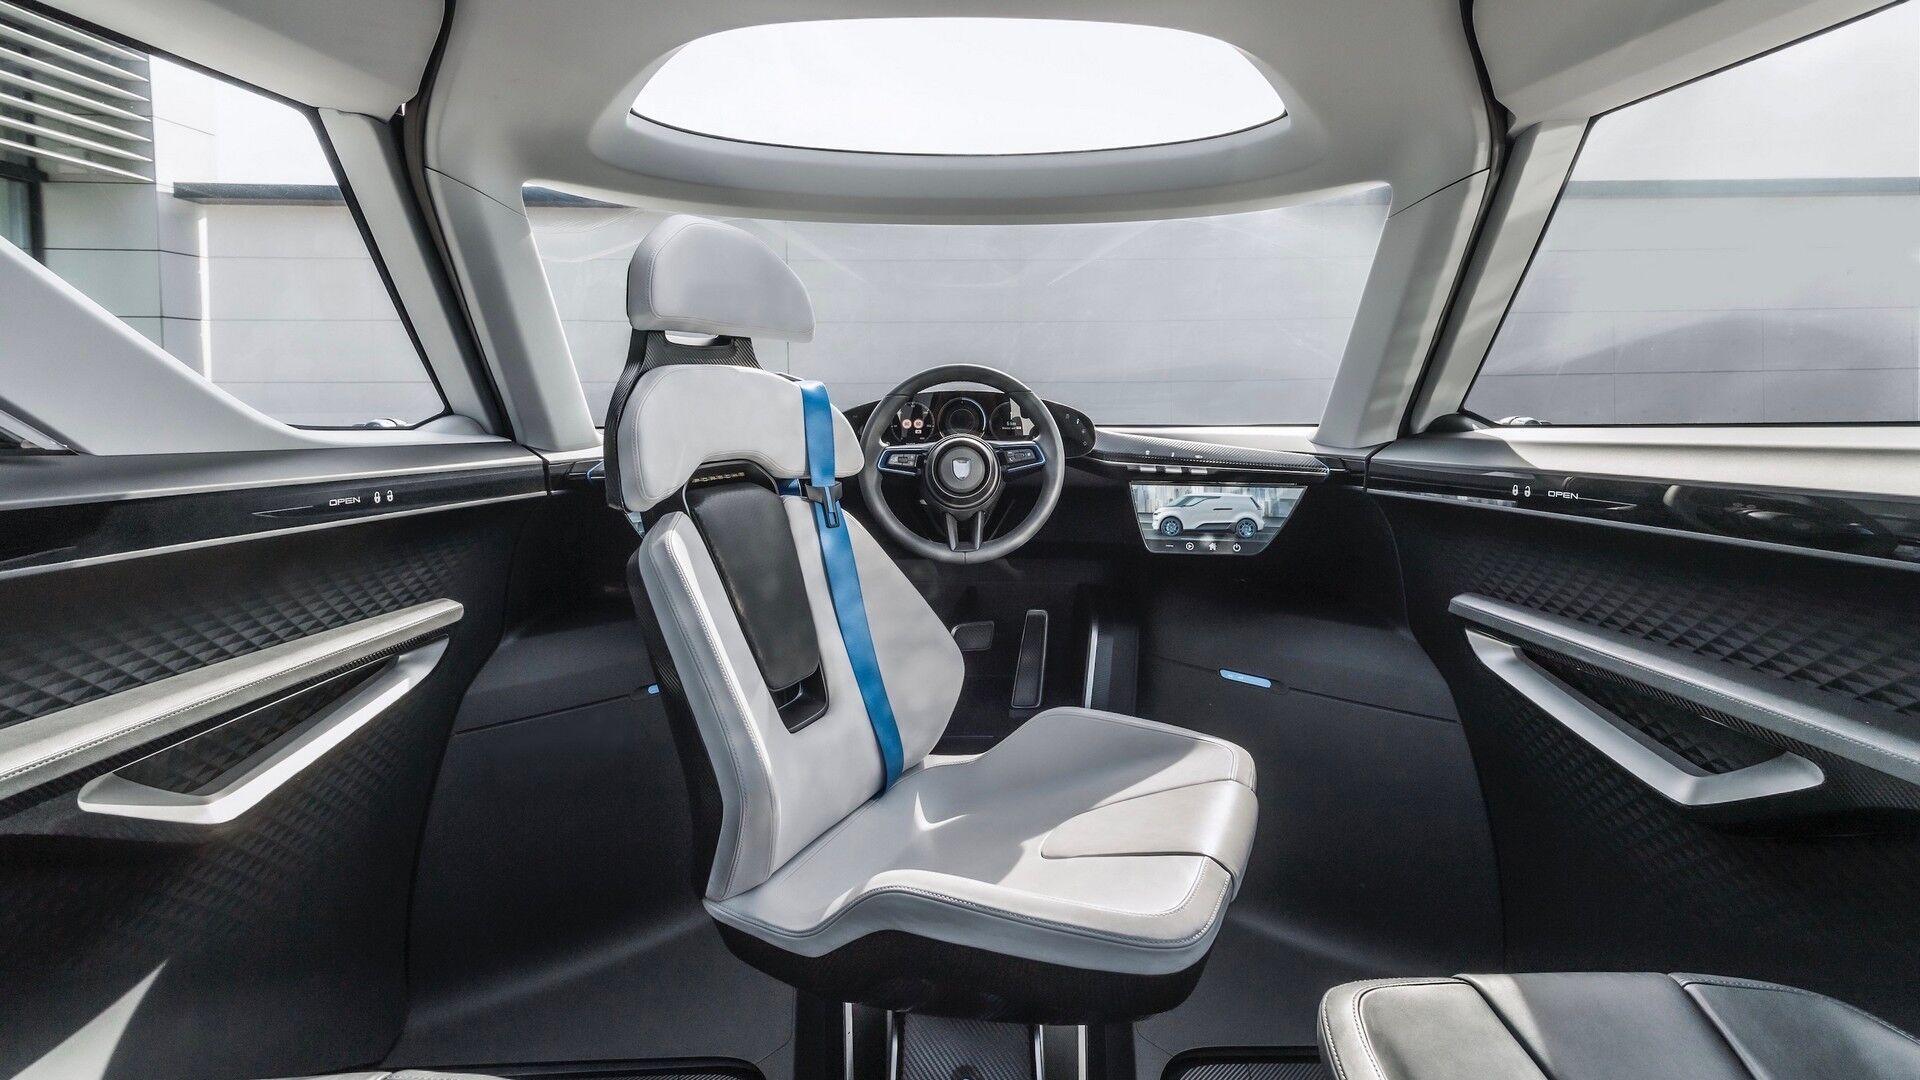 Водительское кресло может разворачивается на 180 градусов